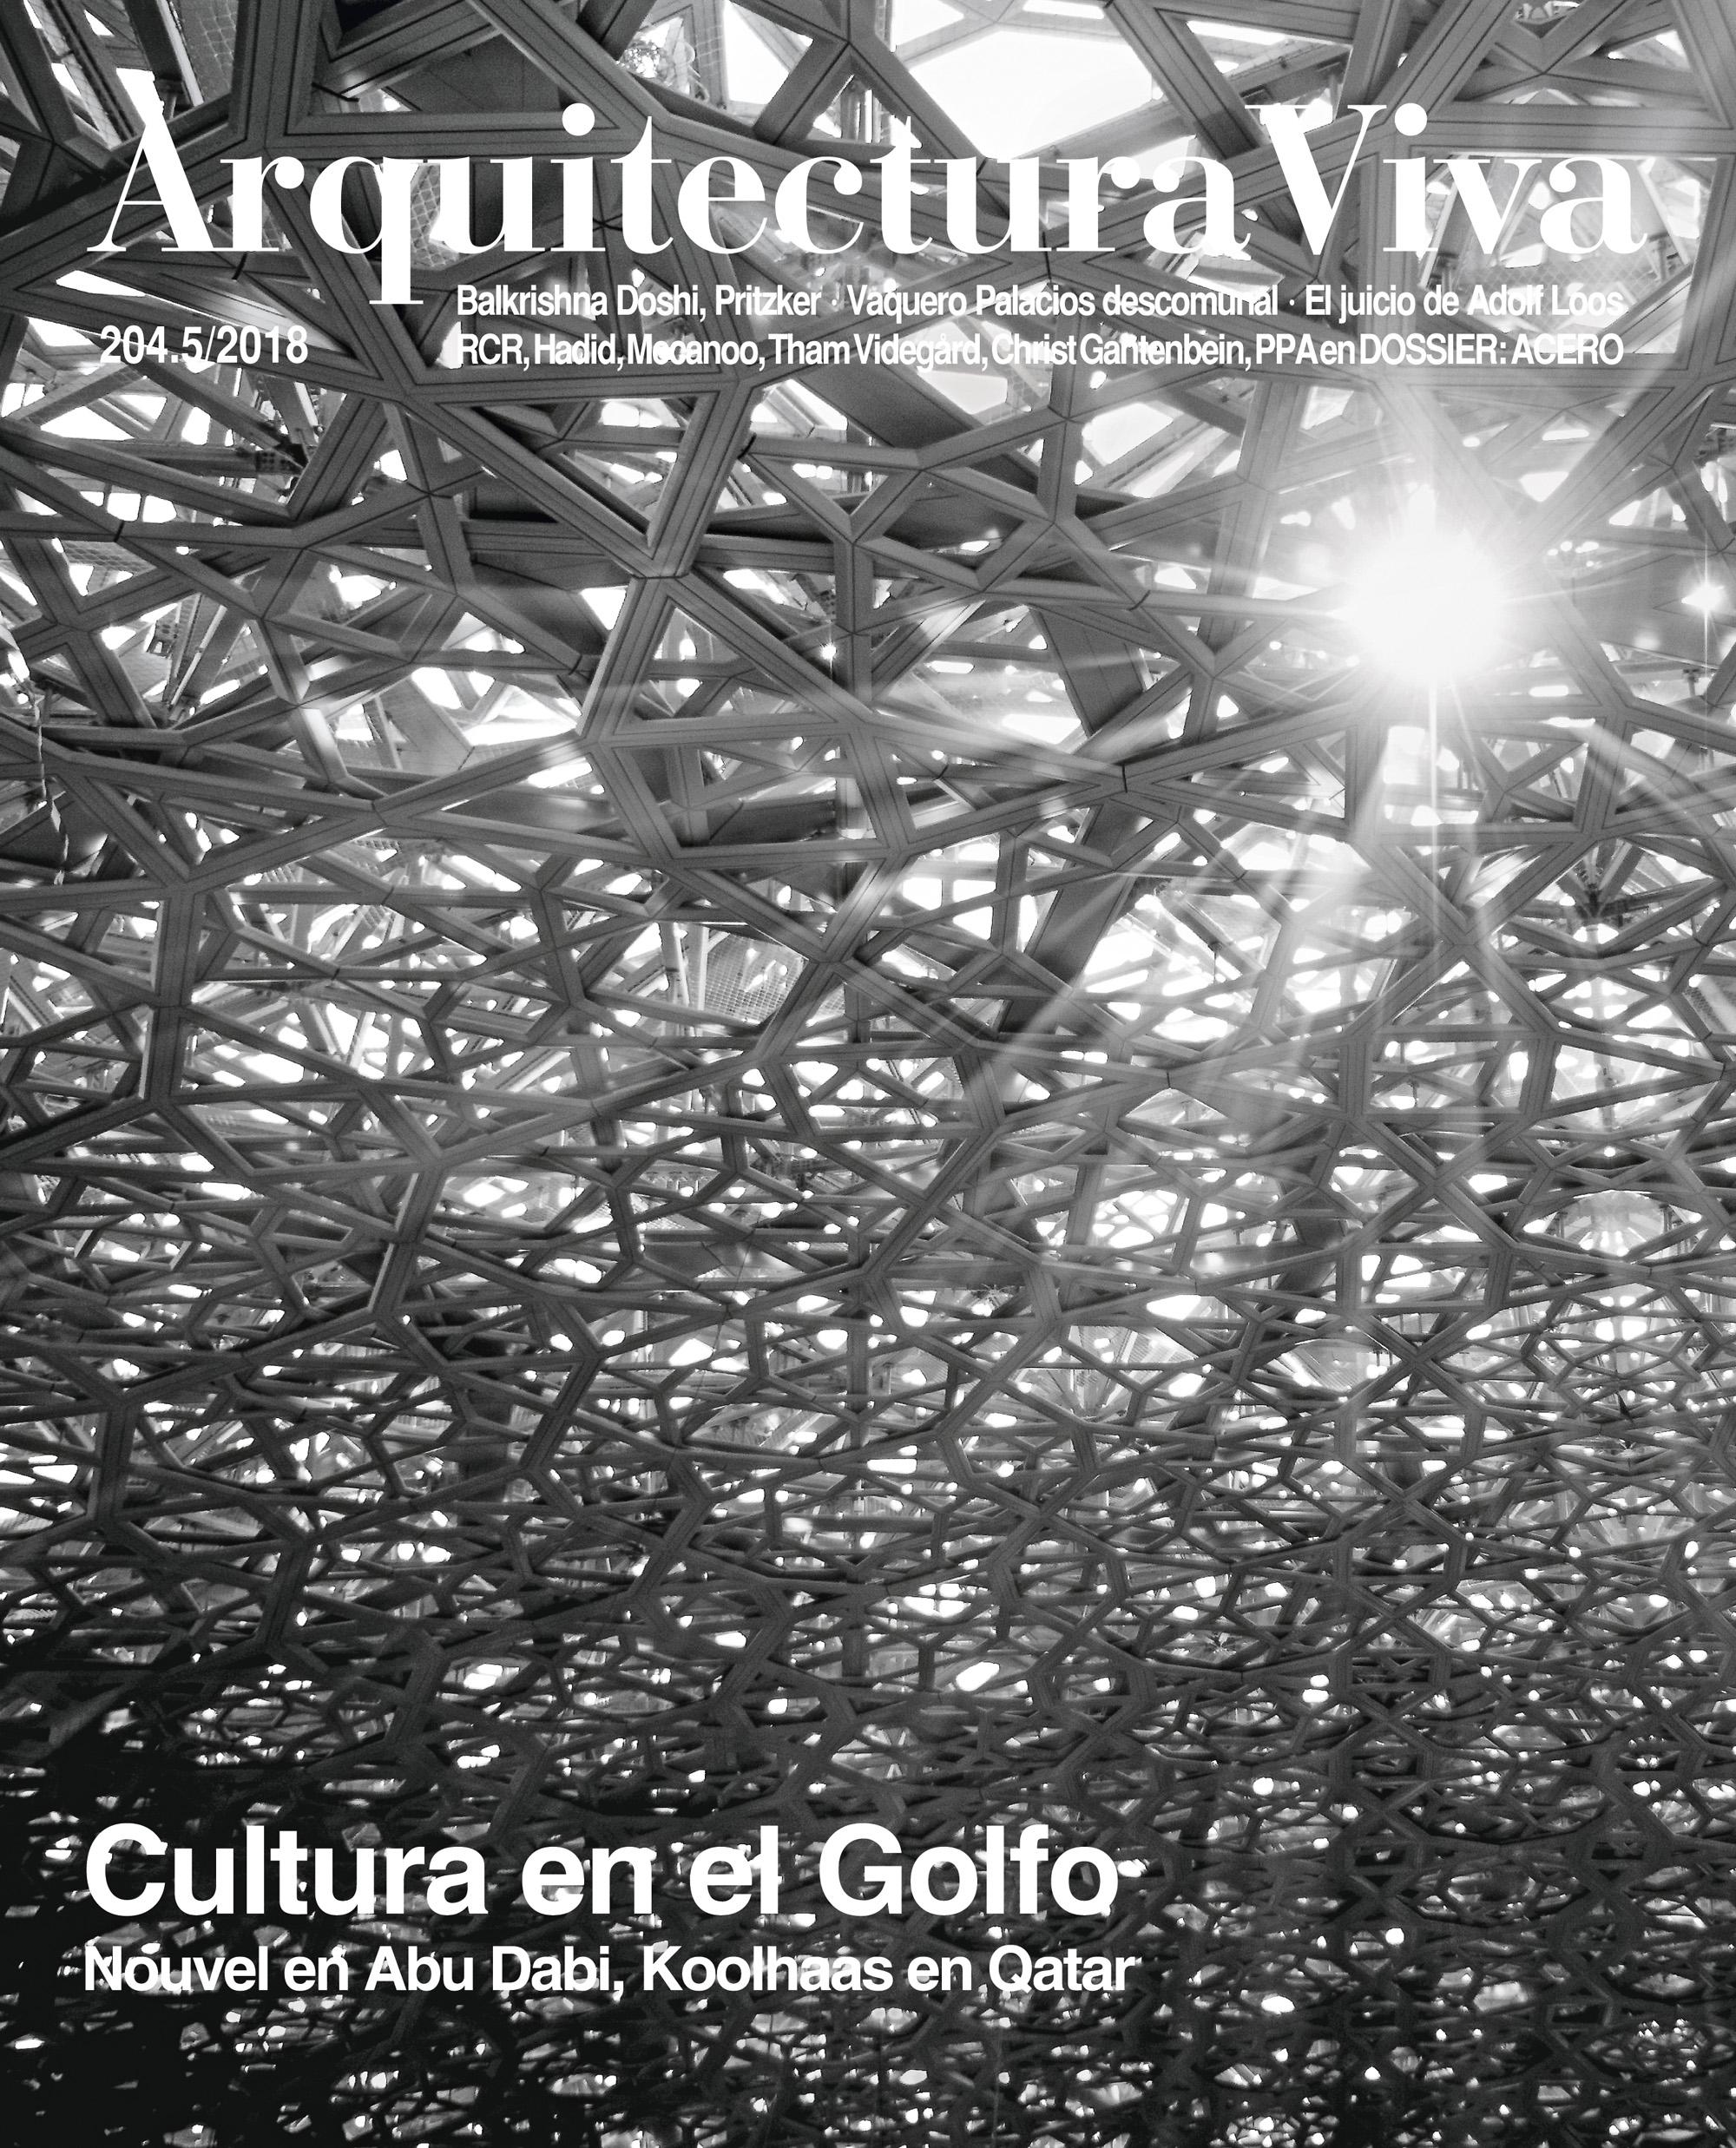 Culture in the Gulf